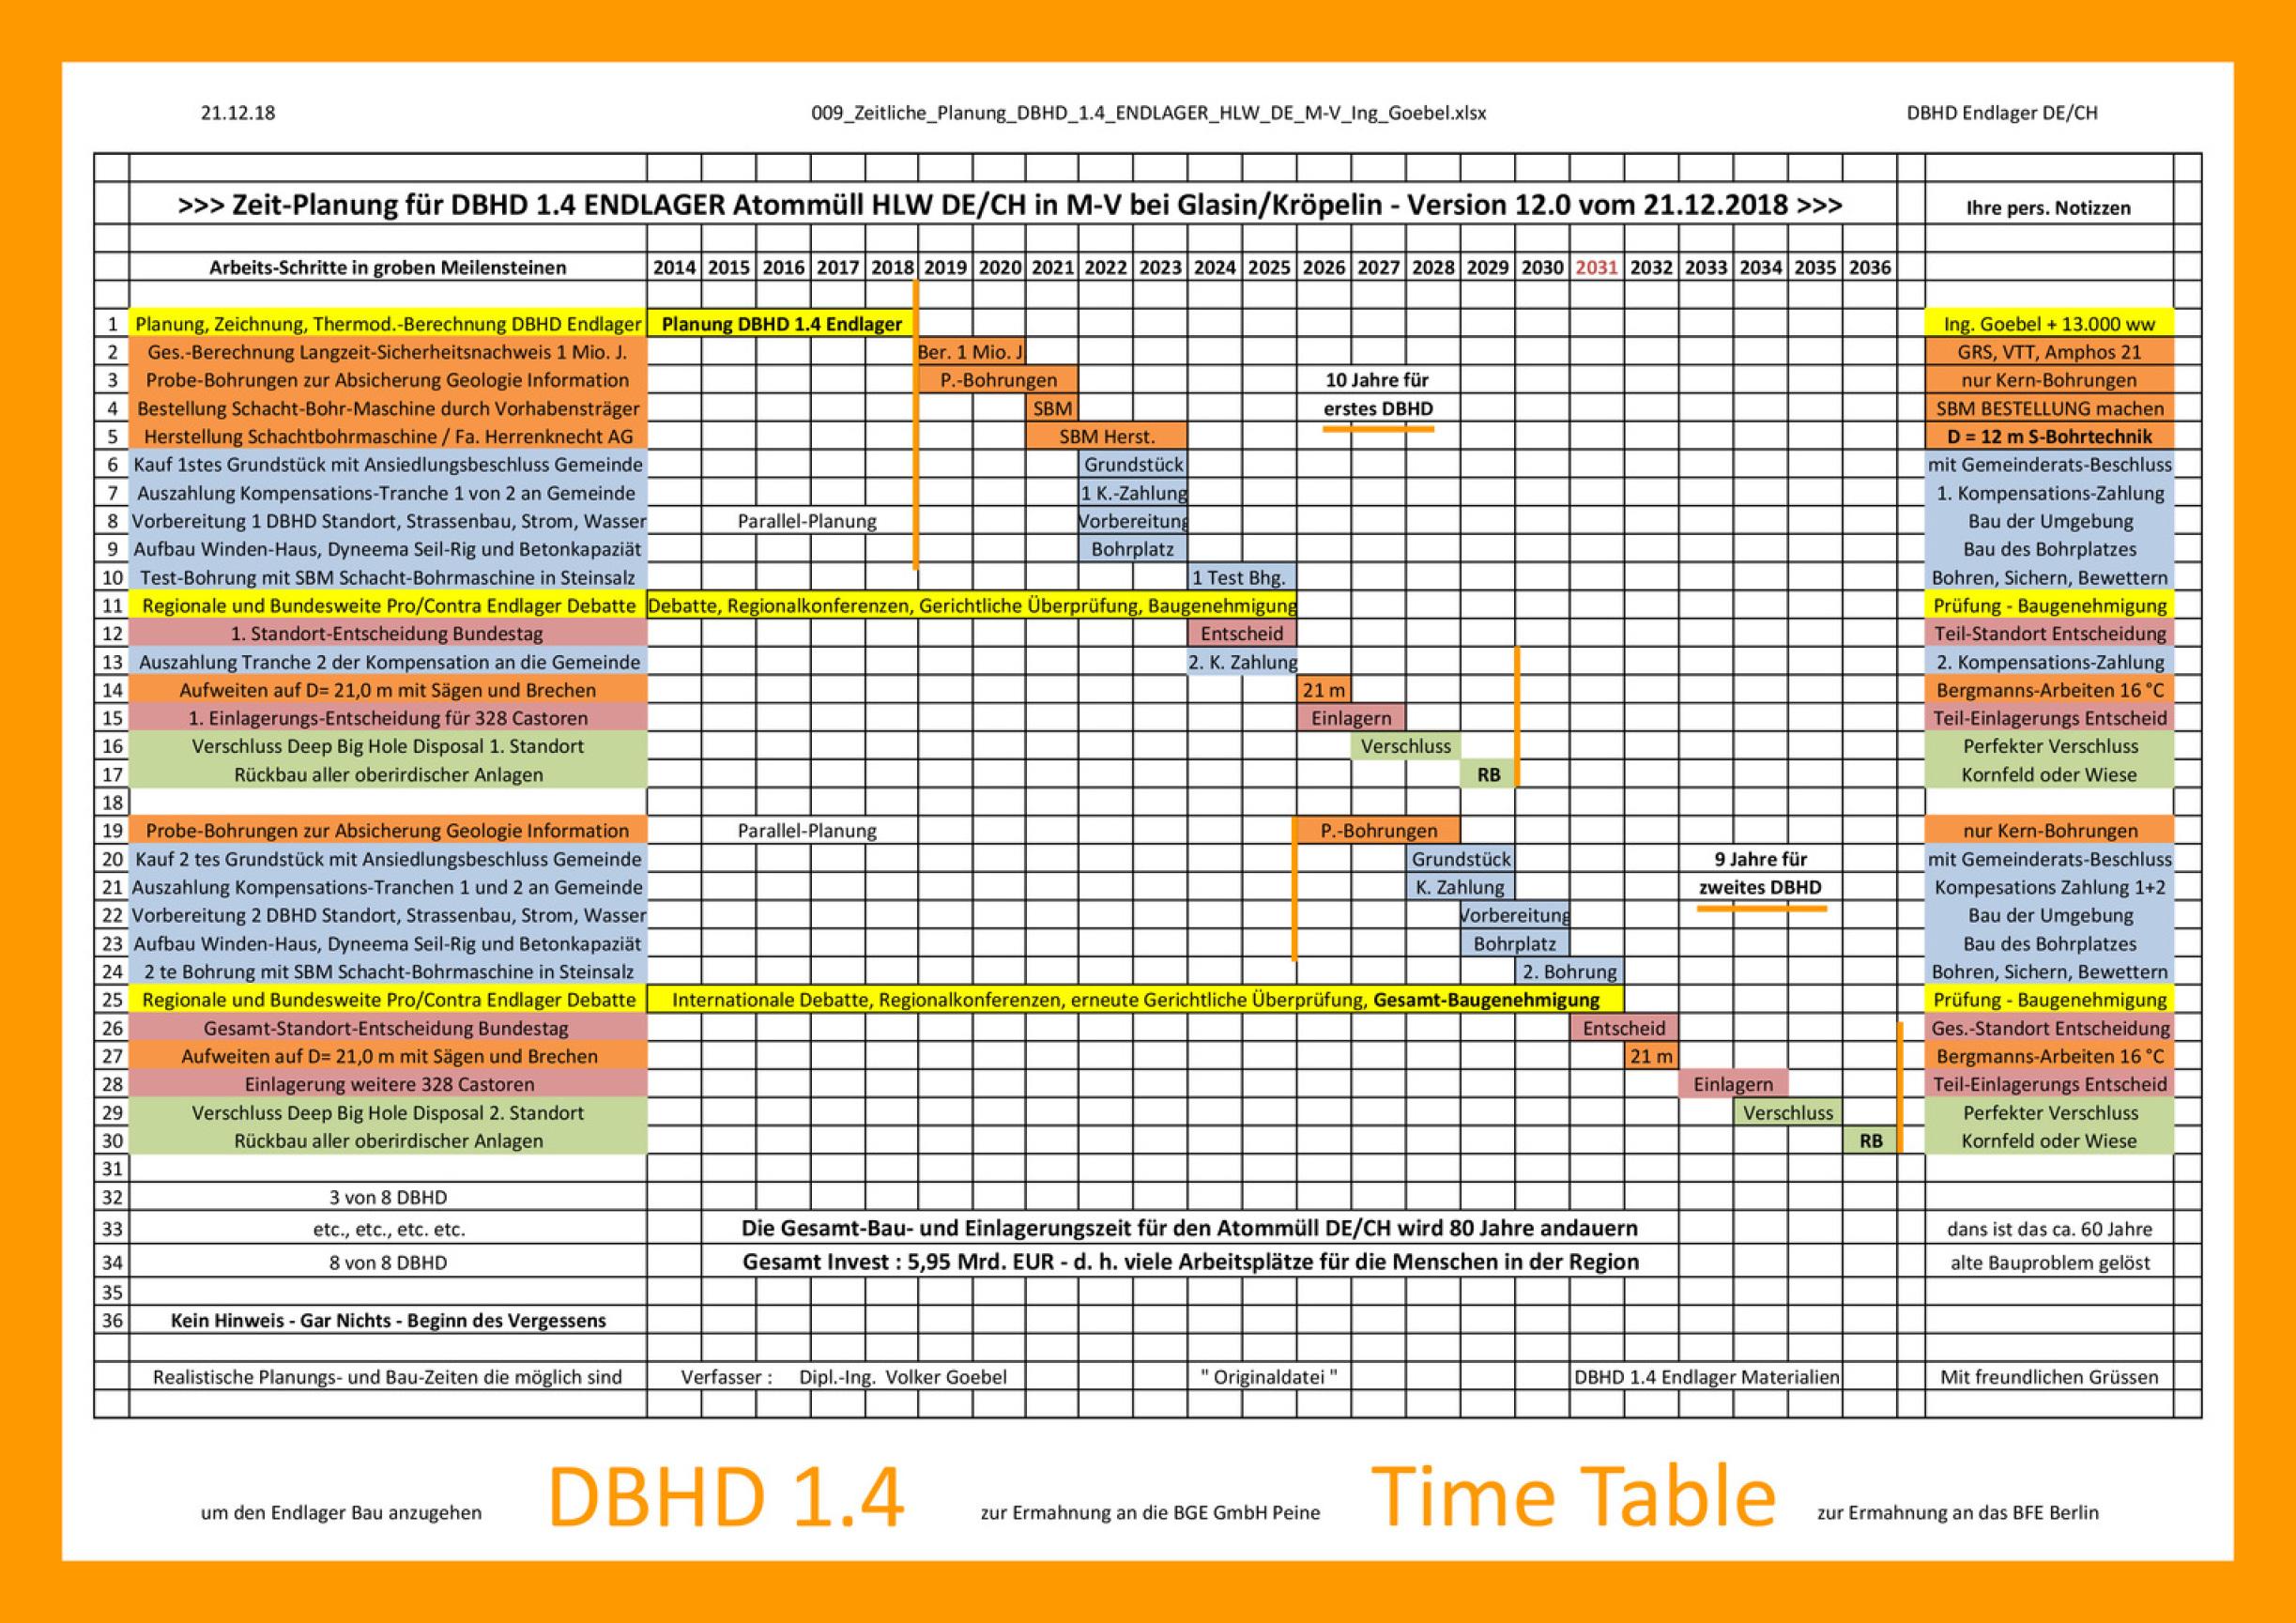 Vorschau_009_Zeitliche_Planung_DBHD_1.4_ENDLAGER_HLW_DE_M-V_Ing_Goebel